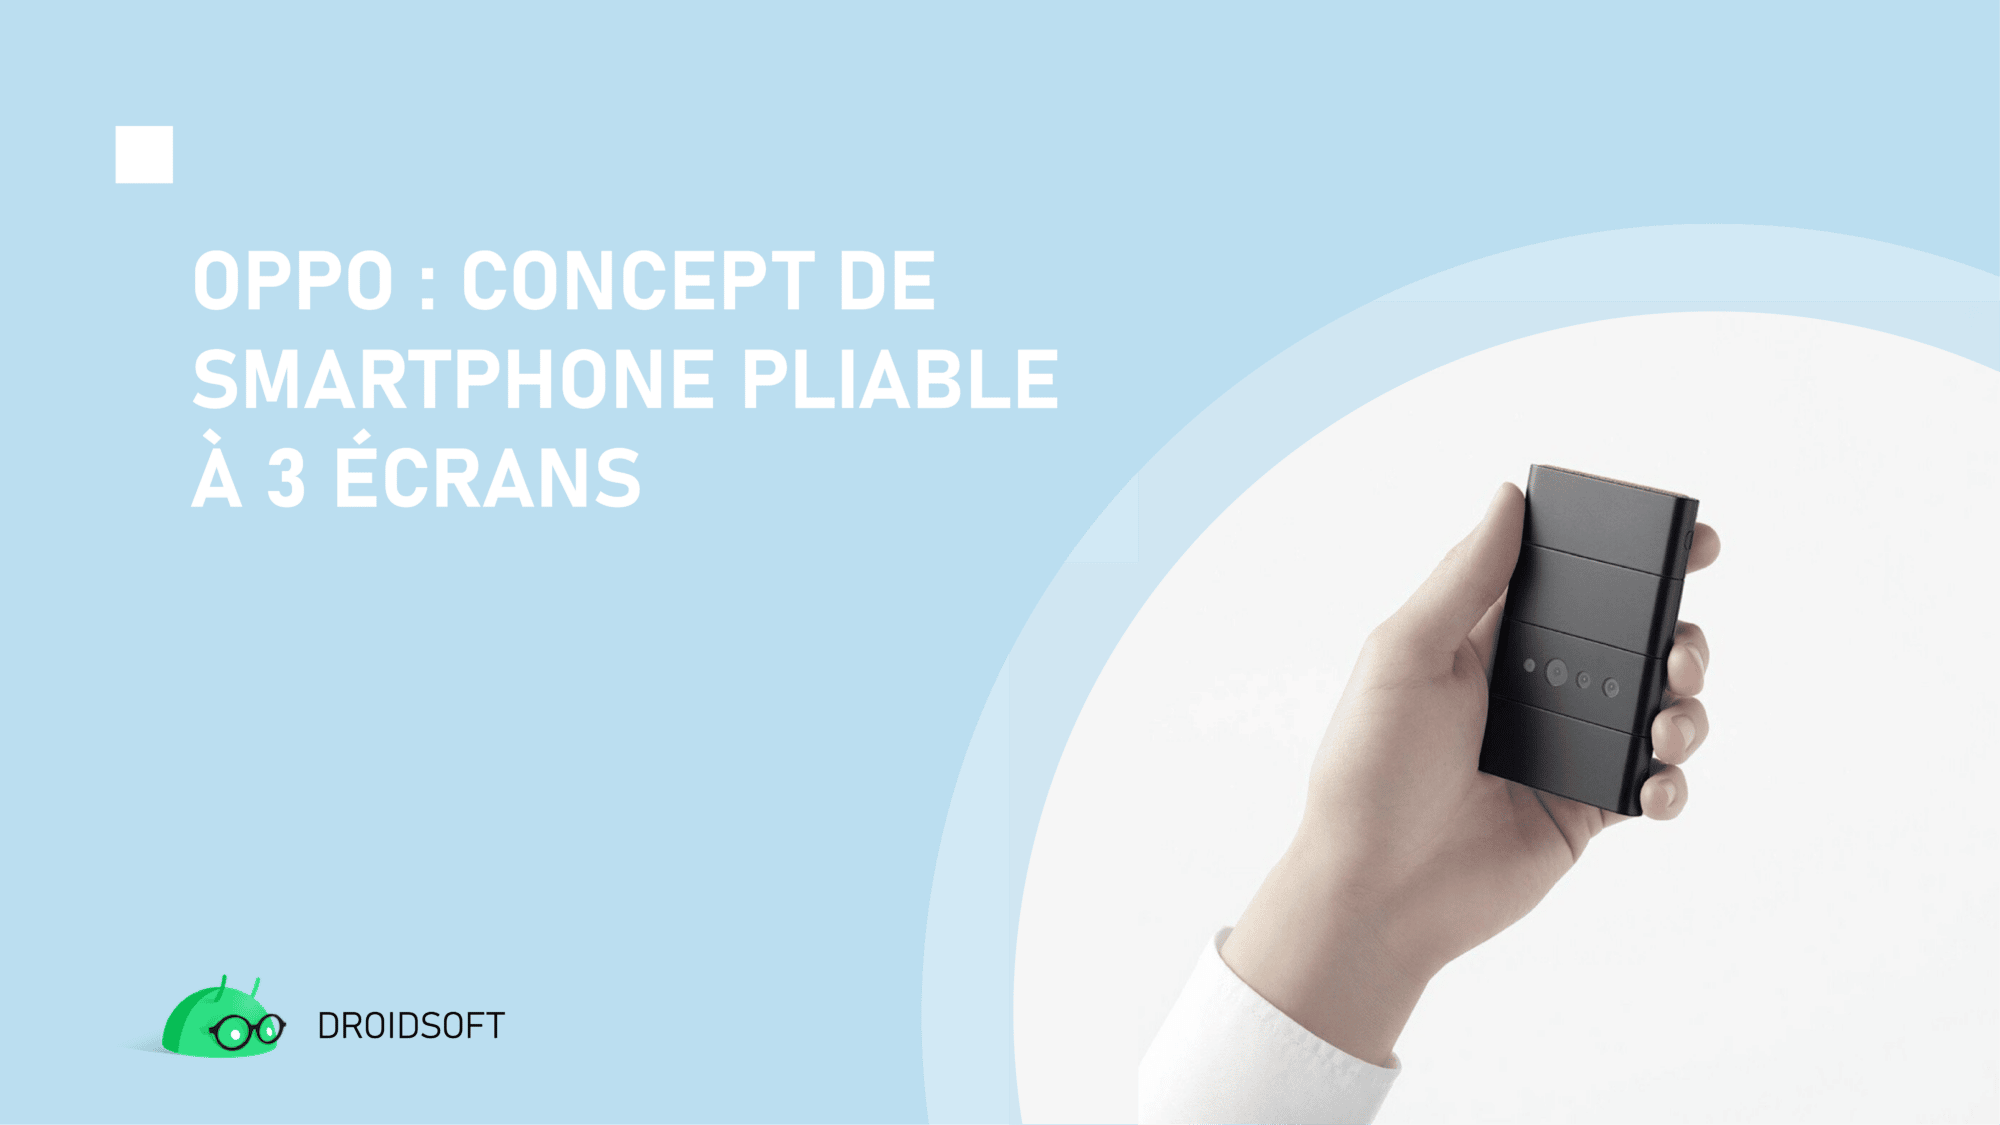 Oppo, concept de smartphone pliable à 3 écrans